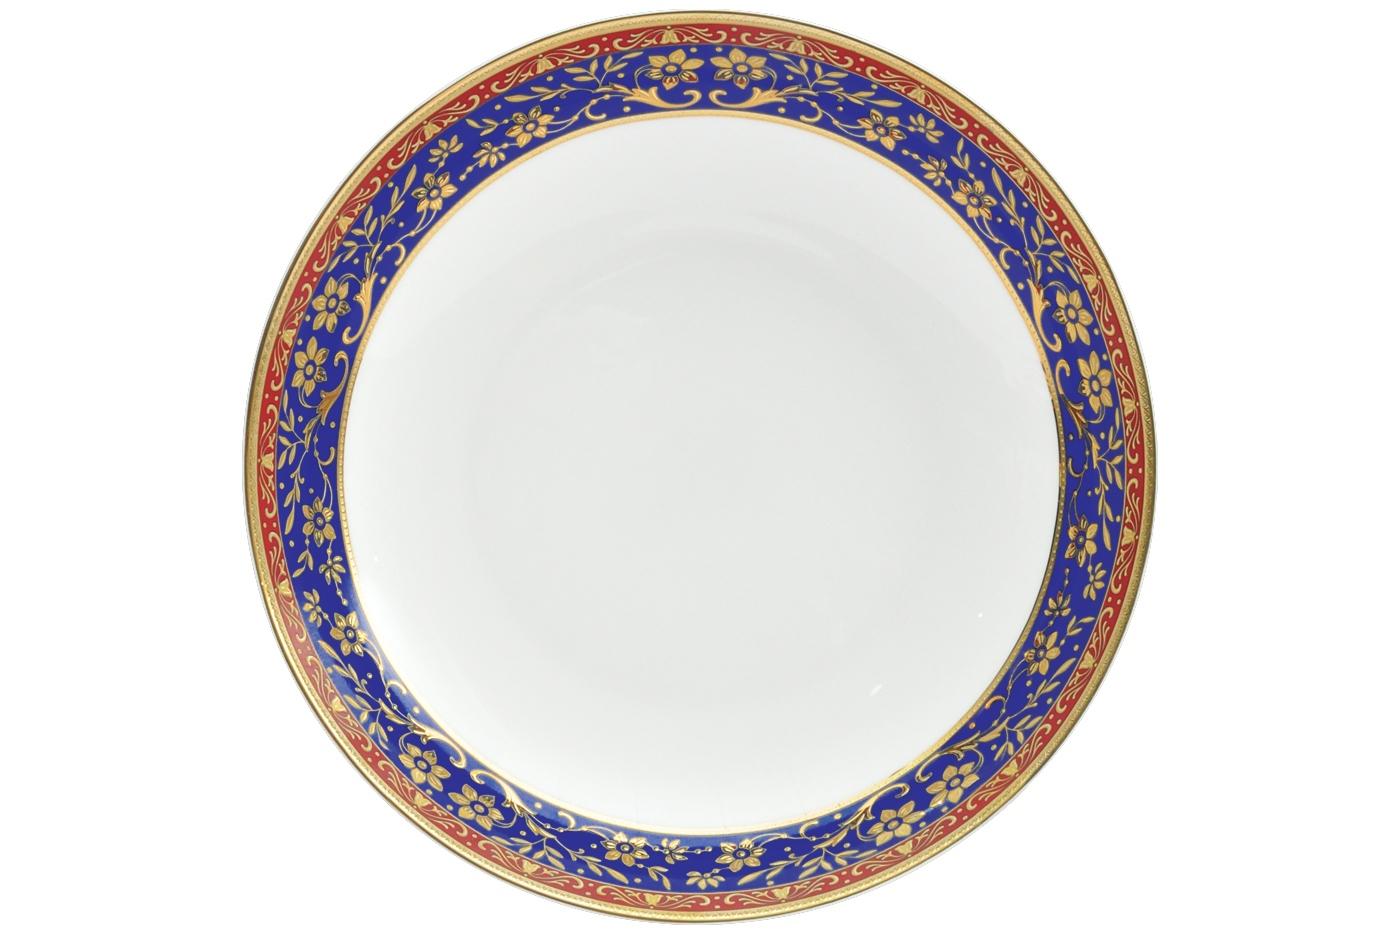 Набор из 6 тарелок суповых Royal Aurel Кобальт (20см) арт.720Наборы тарелок<br>Набор из 6 тарелок суповых Royal Aurel Кобальт (20см) арт.720<br>Производить посуду из фарфора начали в Китае на стыке 6-7 веков. Неустанно совершенствуя и селективно отбирая сырье для производства посуды из фарфора, мастерам удалось добиться выдающихся характеристик фарфора: белизны и тонкостенности. В XV веке появился особый интерес к китайской фарфоровой посуде, так как в это время Европе возникла мода на самобытные китайские вещи. Роскошный китайский фарфор являлся изыском и был в новинку, поэтому он выступал в качестве подарка королям, а также знатным людям. Такой дорогой подарок был очень престижен и по праву являлся элитной посудой. Как известно из многочисленных исторических документов, в Европе китайские изделия из фарфора ценились практически как золото. <br>Проверка изделий из костяного фарфора на подлинность <br>По сравнению с производством других видов фарфора процесс производства изделий из настоящего костяного фарфора сложен и весьма длителен. Посуда из изящного фарфора - это элитная посуда, которая всегда ассоциируется с богатством, величием и благородством. Несмотря на небольшую толщину, фарфоровая посуда - это очень прочное изделие. Для демонстрации плотности и прочности фарфора можно легко коснуться предметов посуды из фарфора деревянной палочкой, и тогда мы услушим характерный металлический звон. В составе фарфоровой посуды присутствует костяная зола, благодаря чему она может быть намного тоньше (не более 2,5 мм) и легче твердого или мягкого фарфора. Безупречная белизна - ключевой признак отличия такого фарфора от других. Цвет обычного фарфора сероватый или ближе к голубоватому, а костяной фарфор будет всегда будет молочно-белого цвета. Характерная и немаловажная деталь - это невесомая прозрачность изделий из фарфора такая, что сквозь него проходит свет.<br>